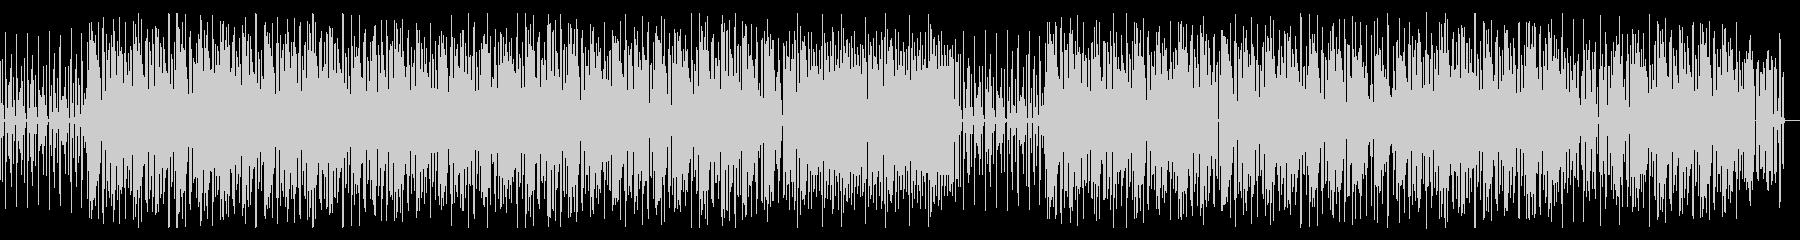 陽気 まったり ファンク・ブルース調の曲の未再生の波形